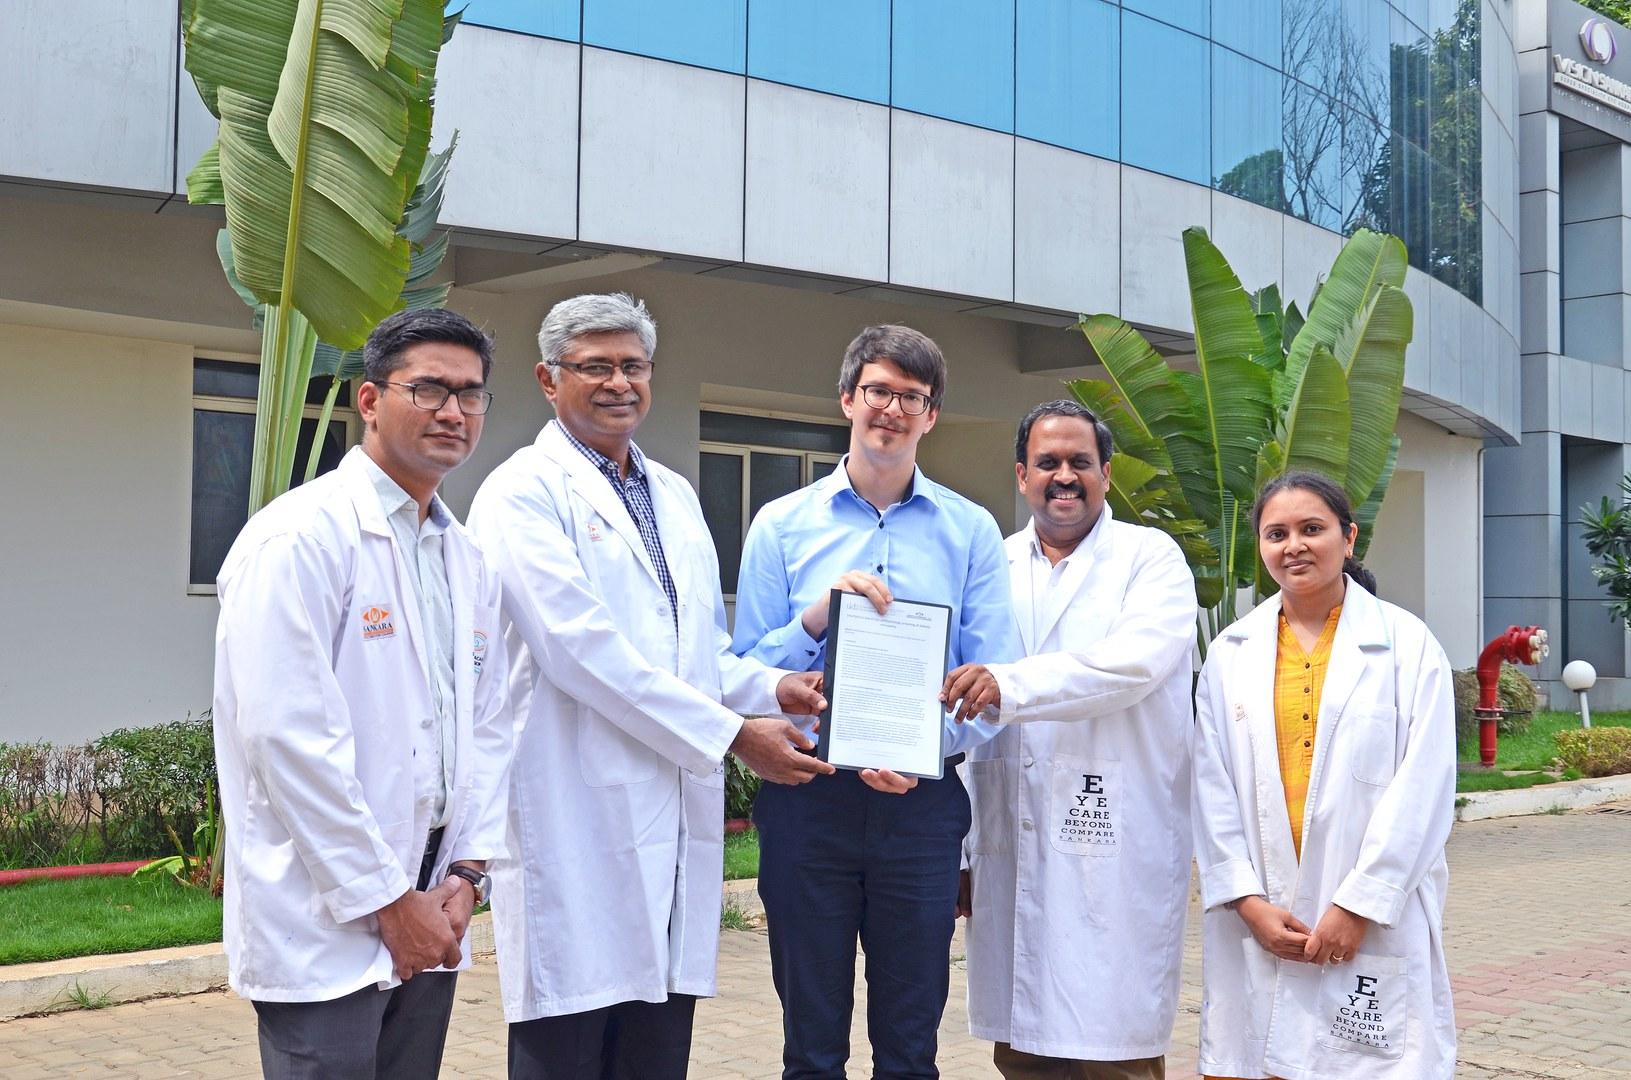 Smartphone-basiertes, telemedizinisches Augen-Screening in Indien: